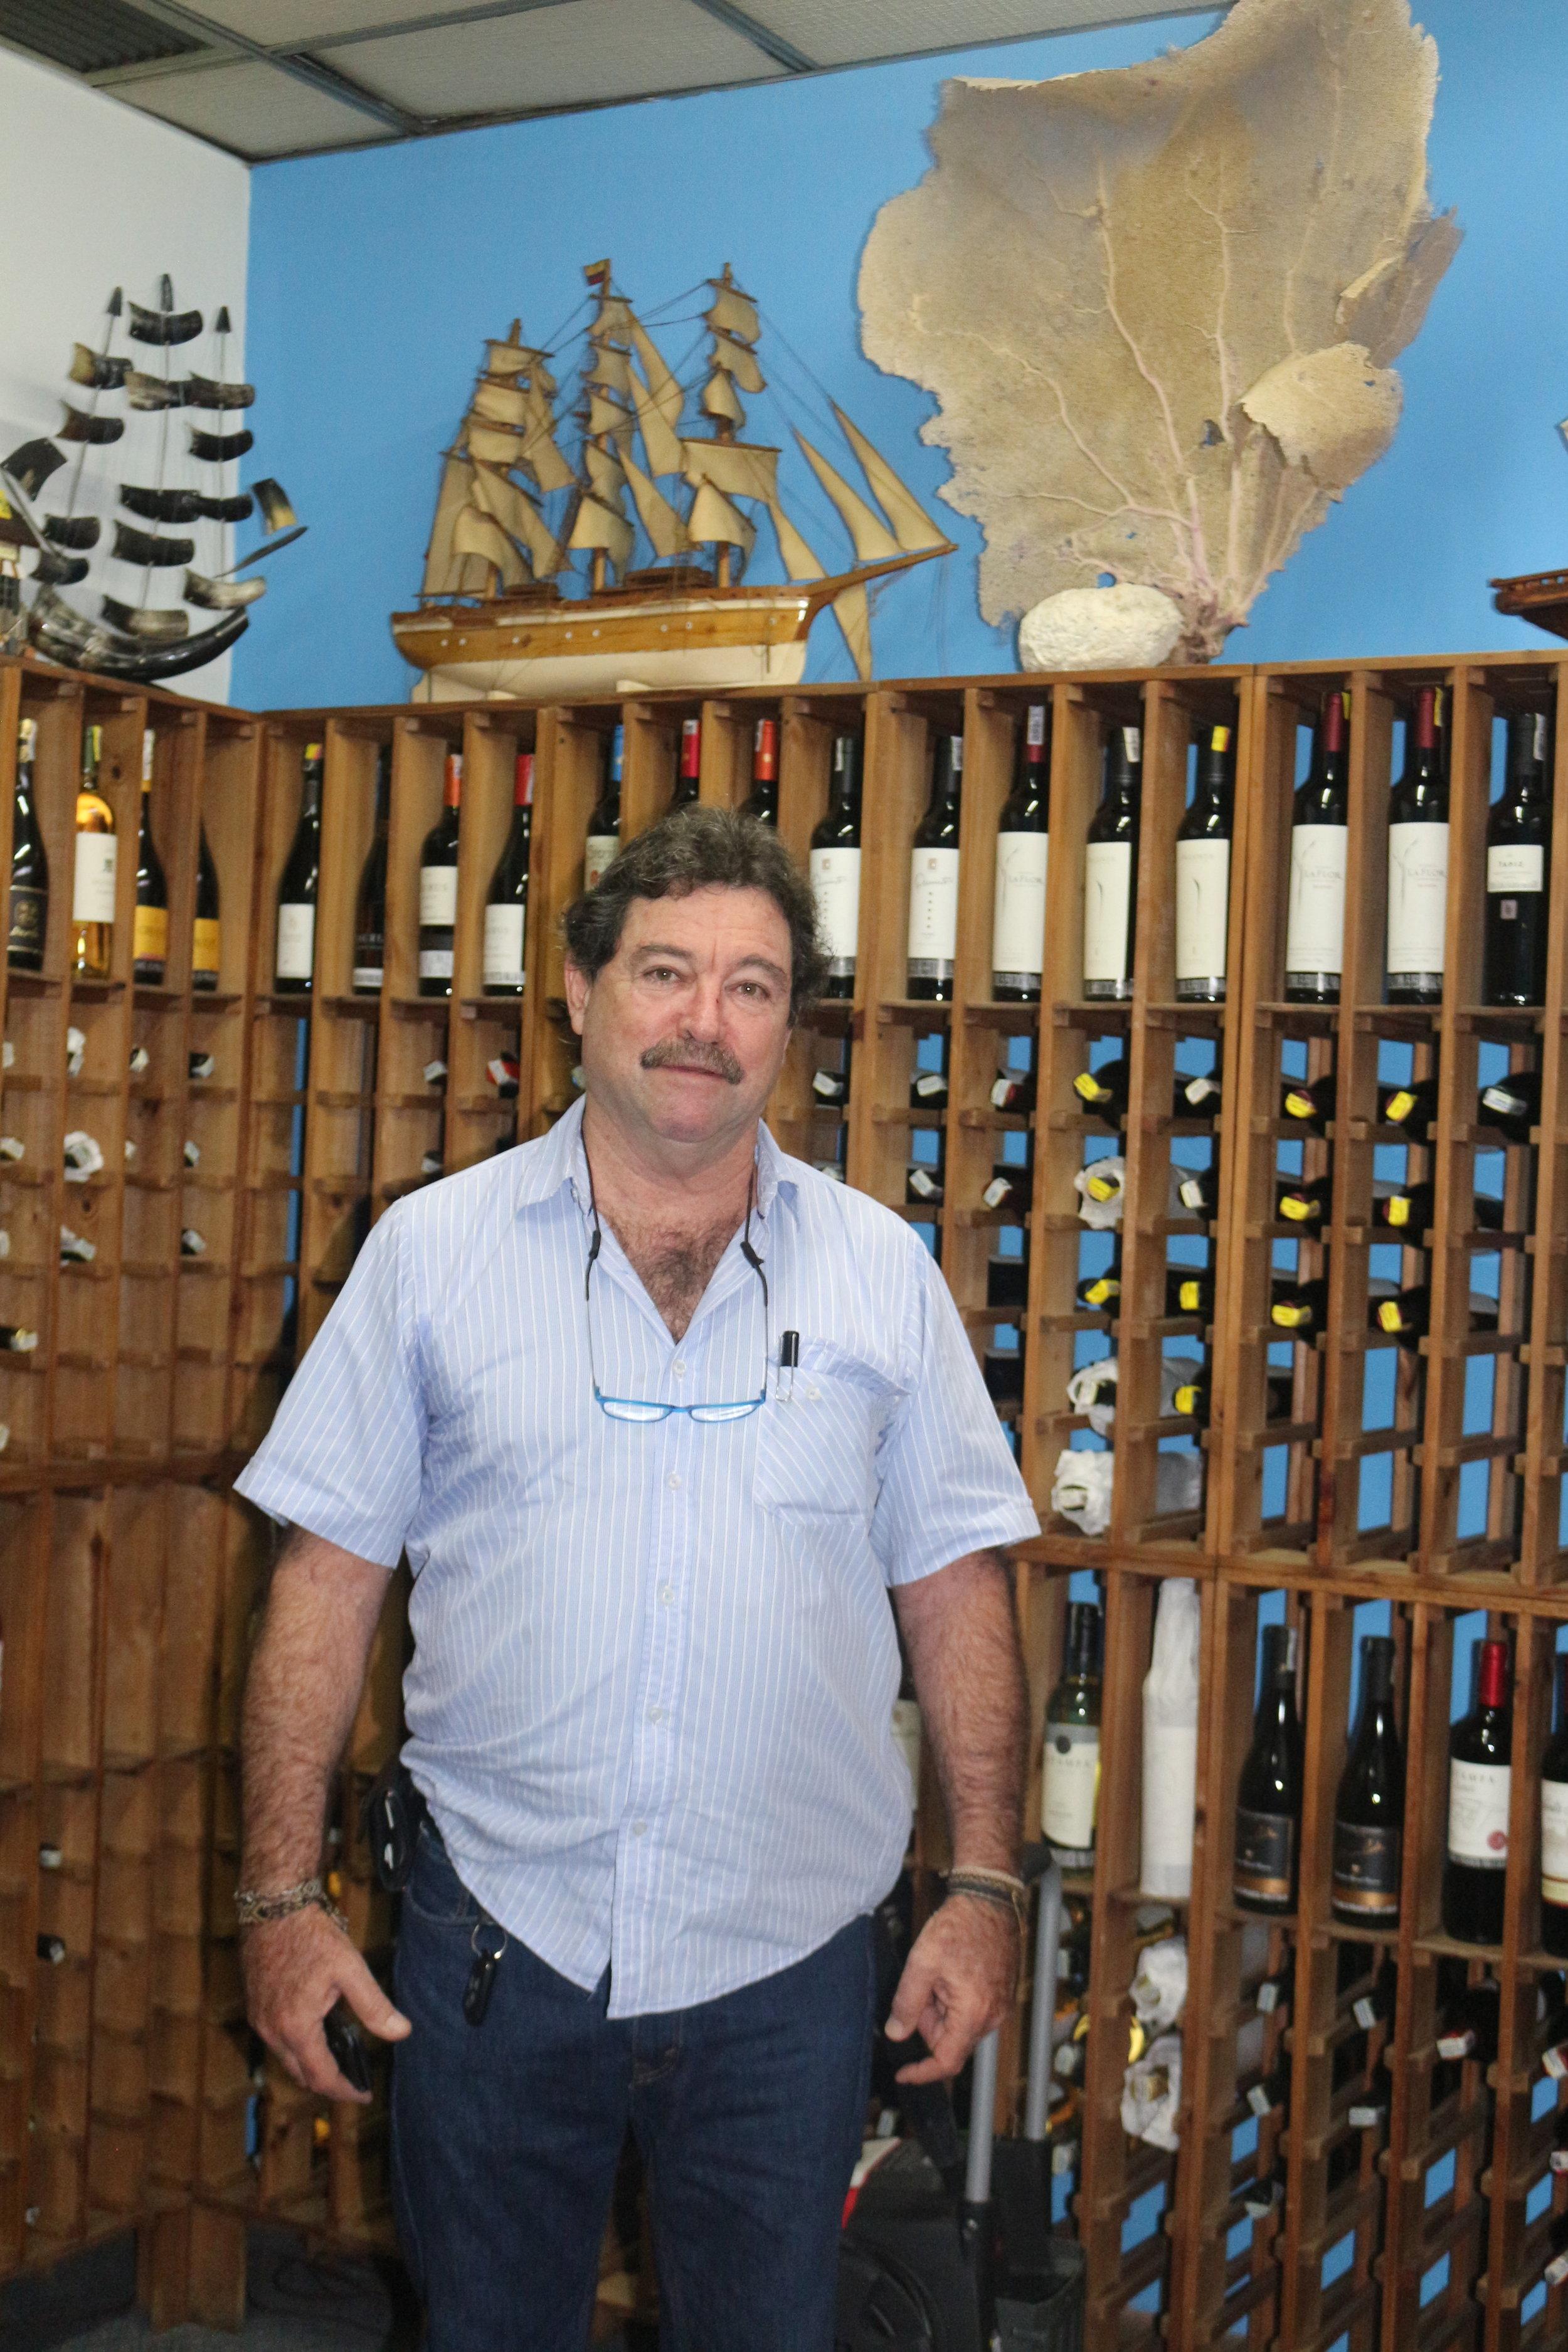 En su cava hay botellas de las bodegas que hacen parte de nuestro Club: Tapiz, Viu Manent, Familia Schroeder, Ébano y Valmiñor, Pulenta Estate, Echeverría, entre otras.